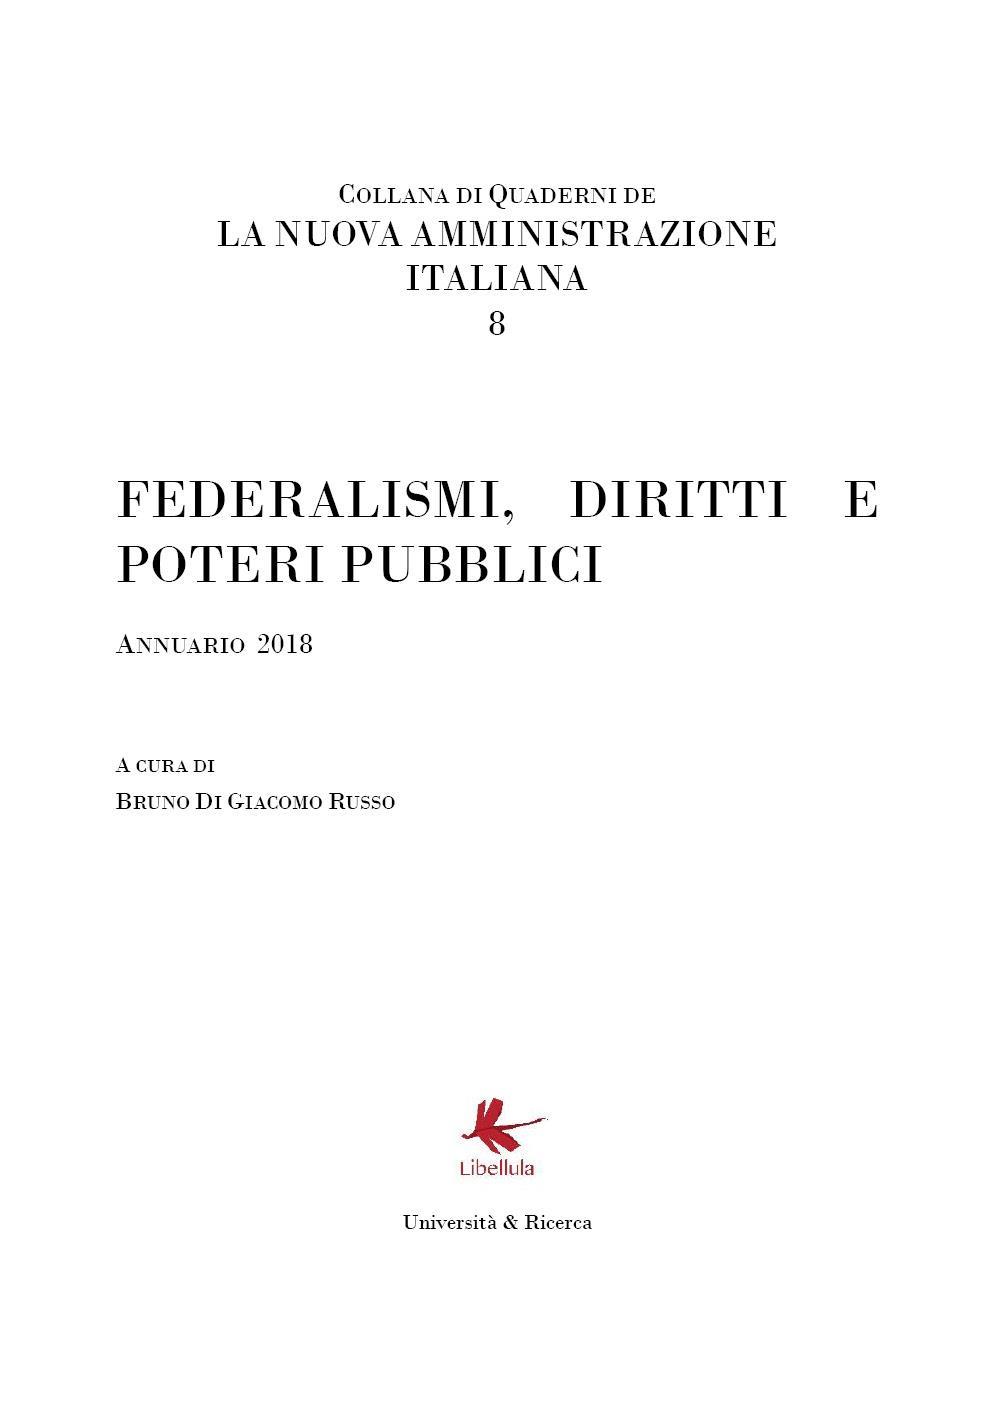 Federalismi, diritti e poteri pubblici. La nuova Amministrazione italiana Vol. 8